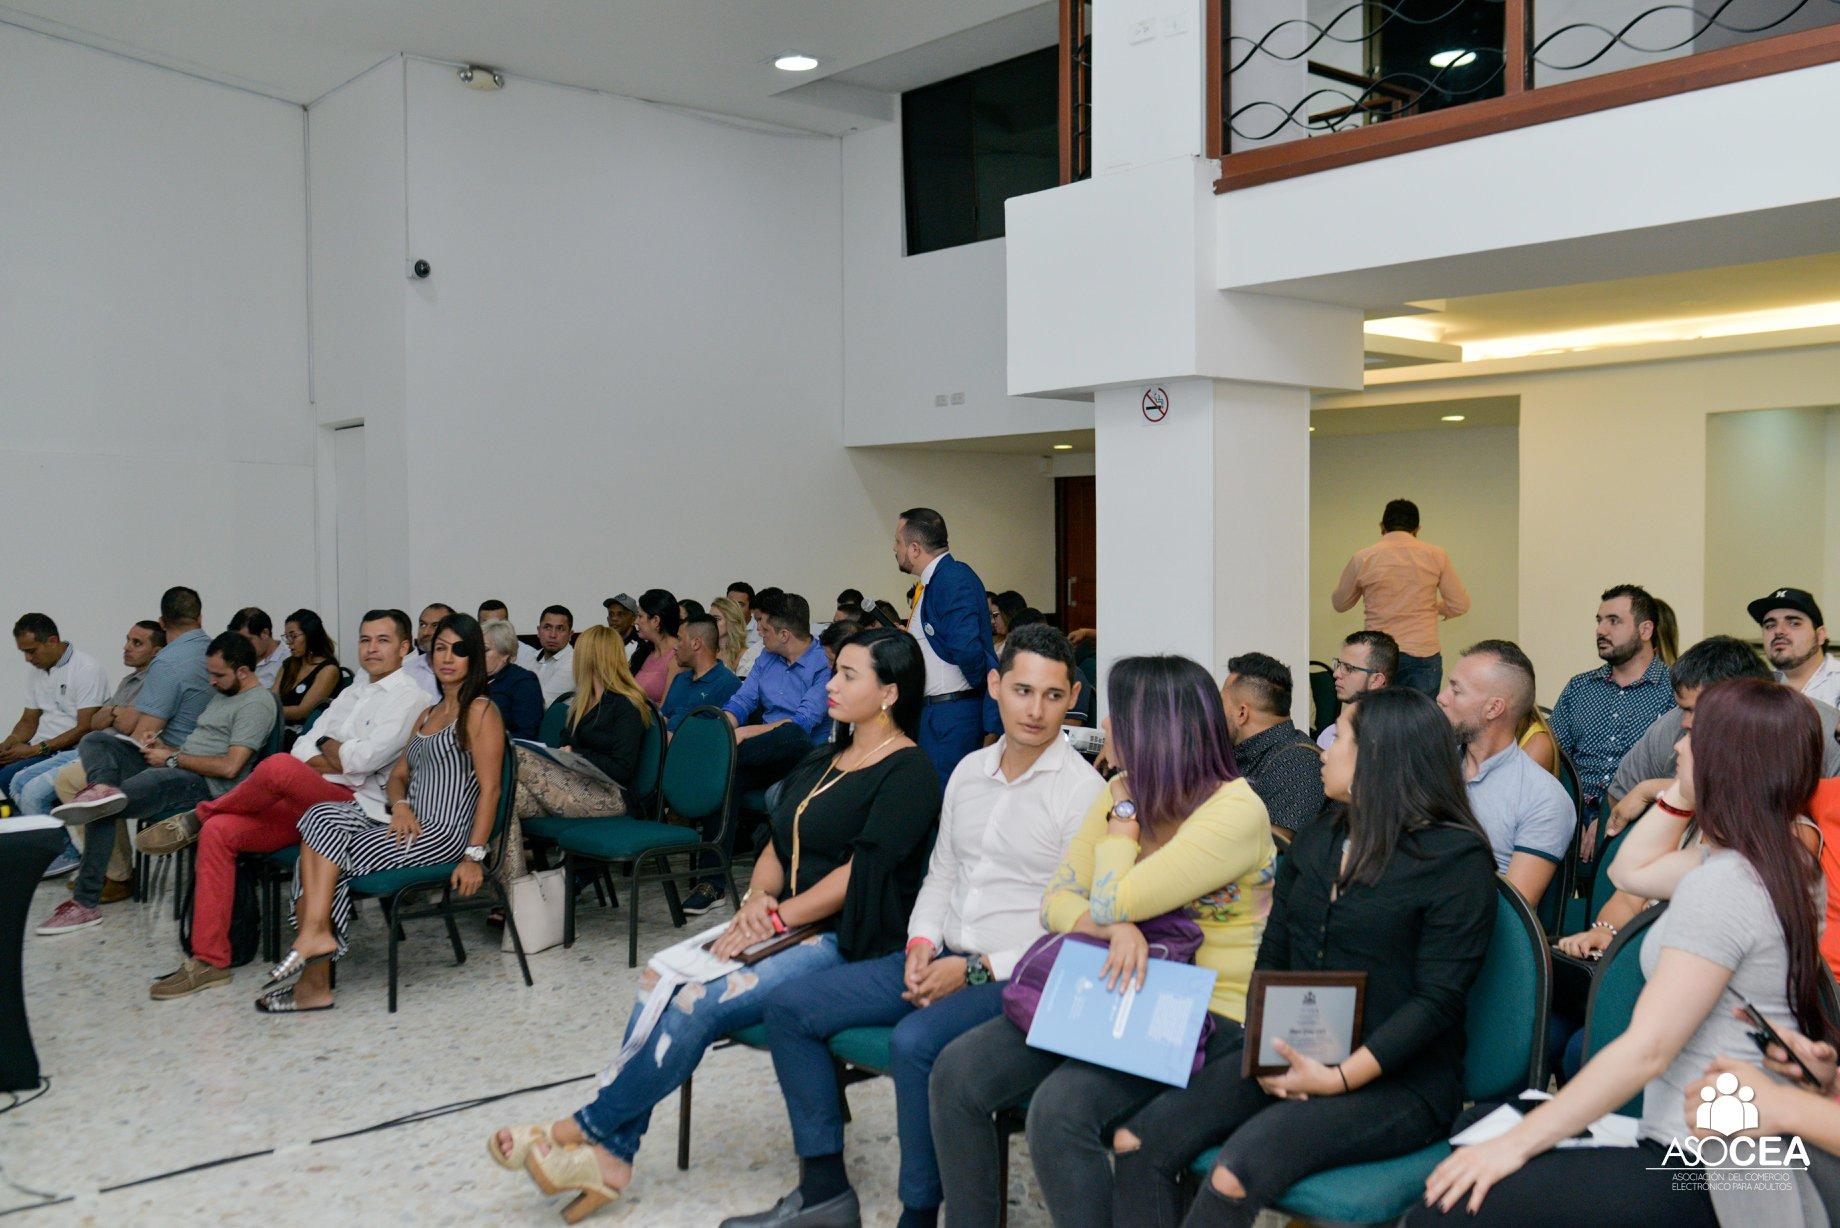 MaJu Studios Presente en la Asamblea general de Asociados ASOCEA